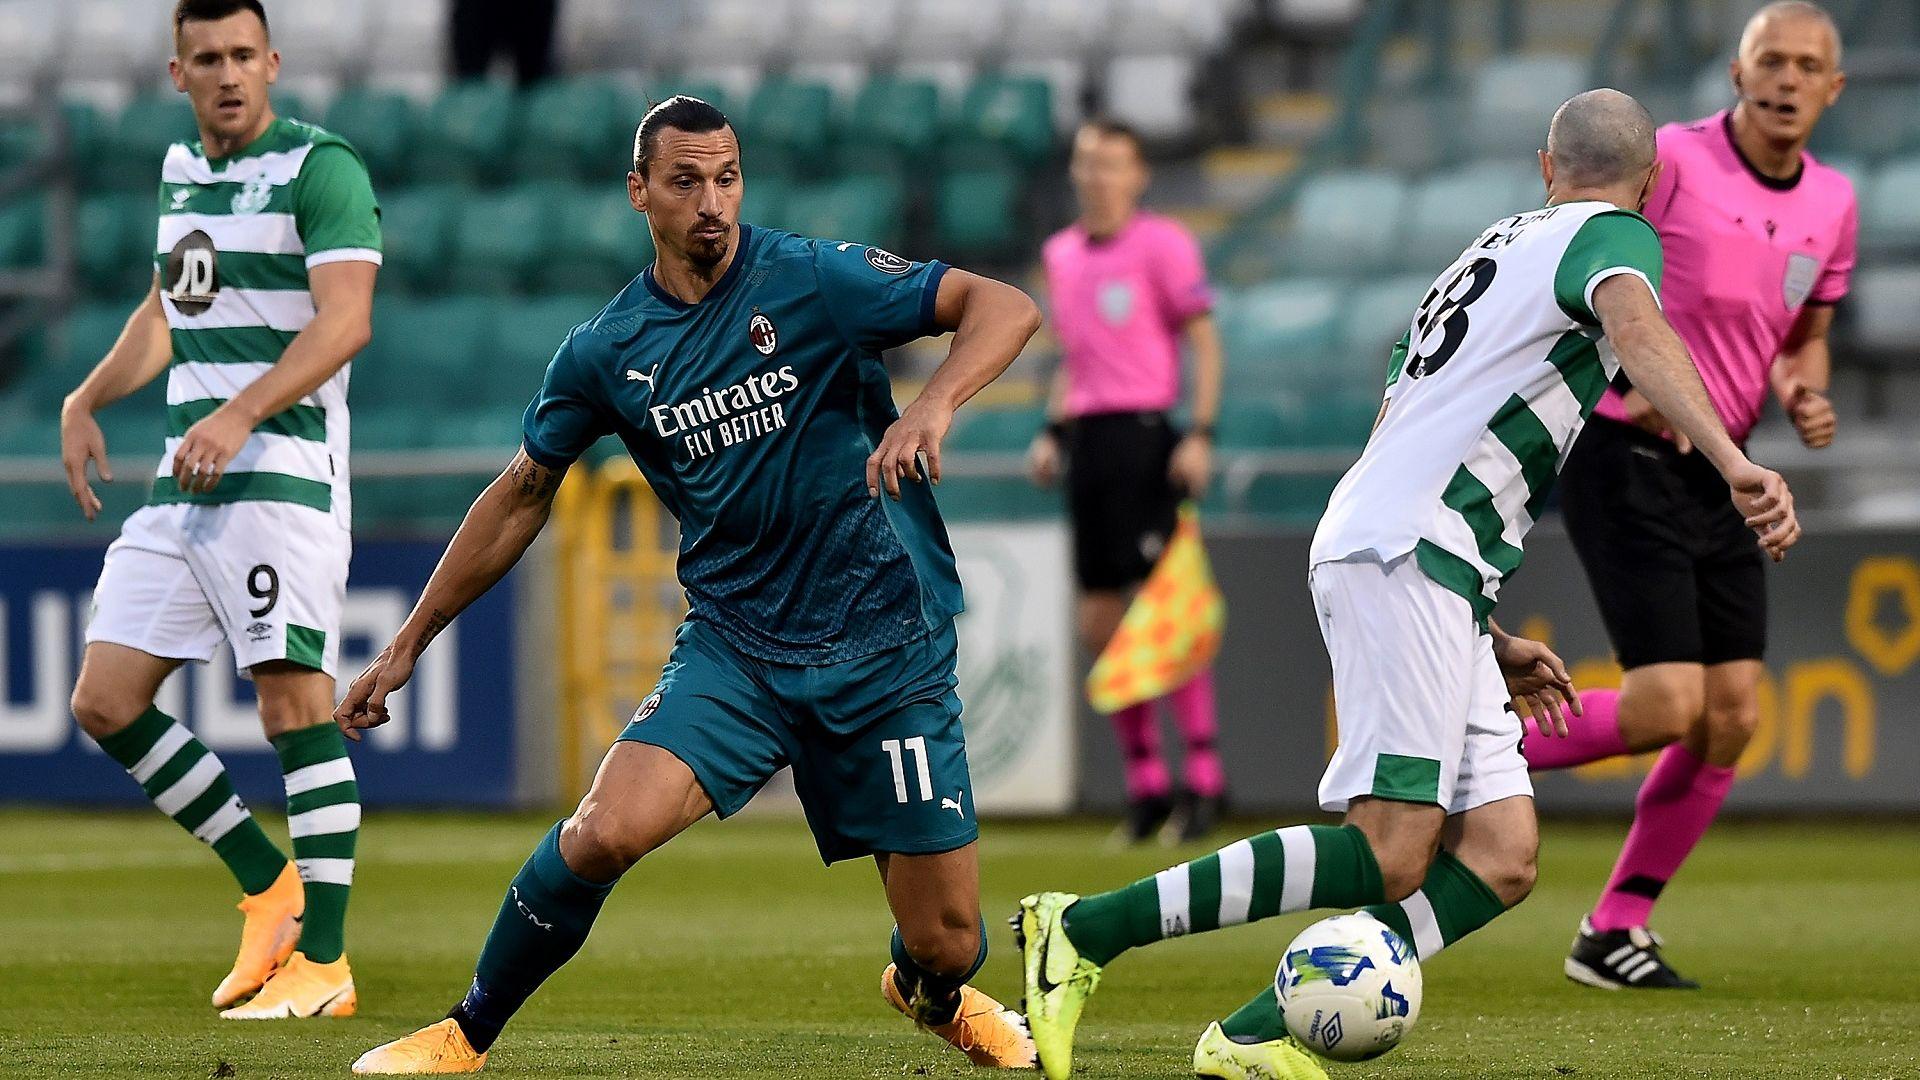 Златан поведе Милан към европоход, а в Сърбия си спретнаха истински трилър (Лига Европа резултати)